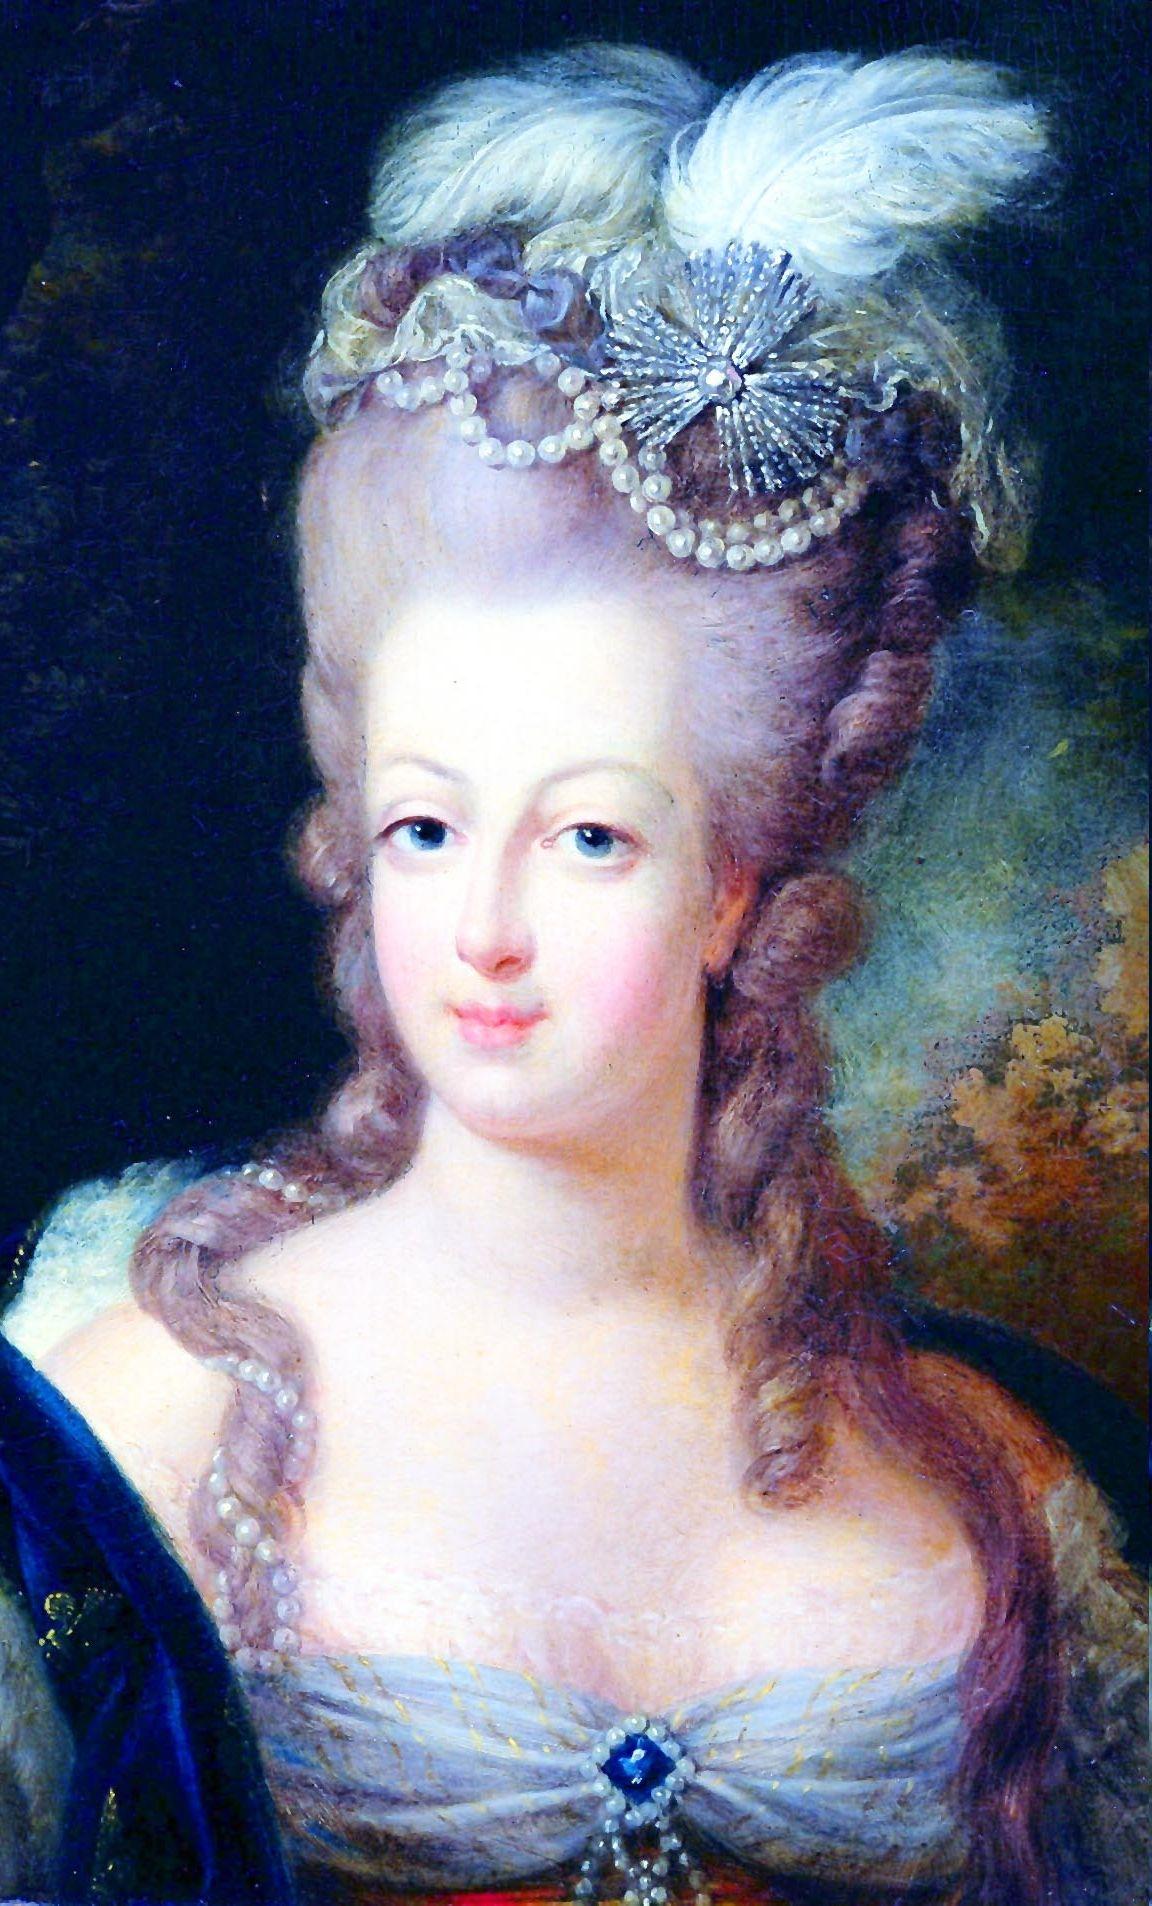 marie antoinette hair styles over the years | vergangene